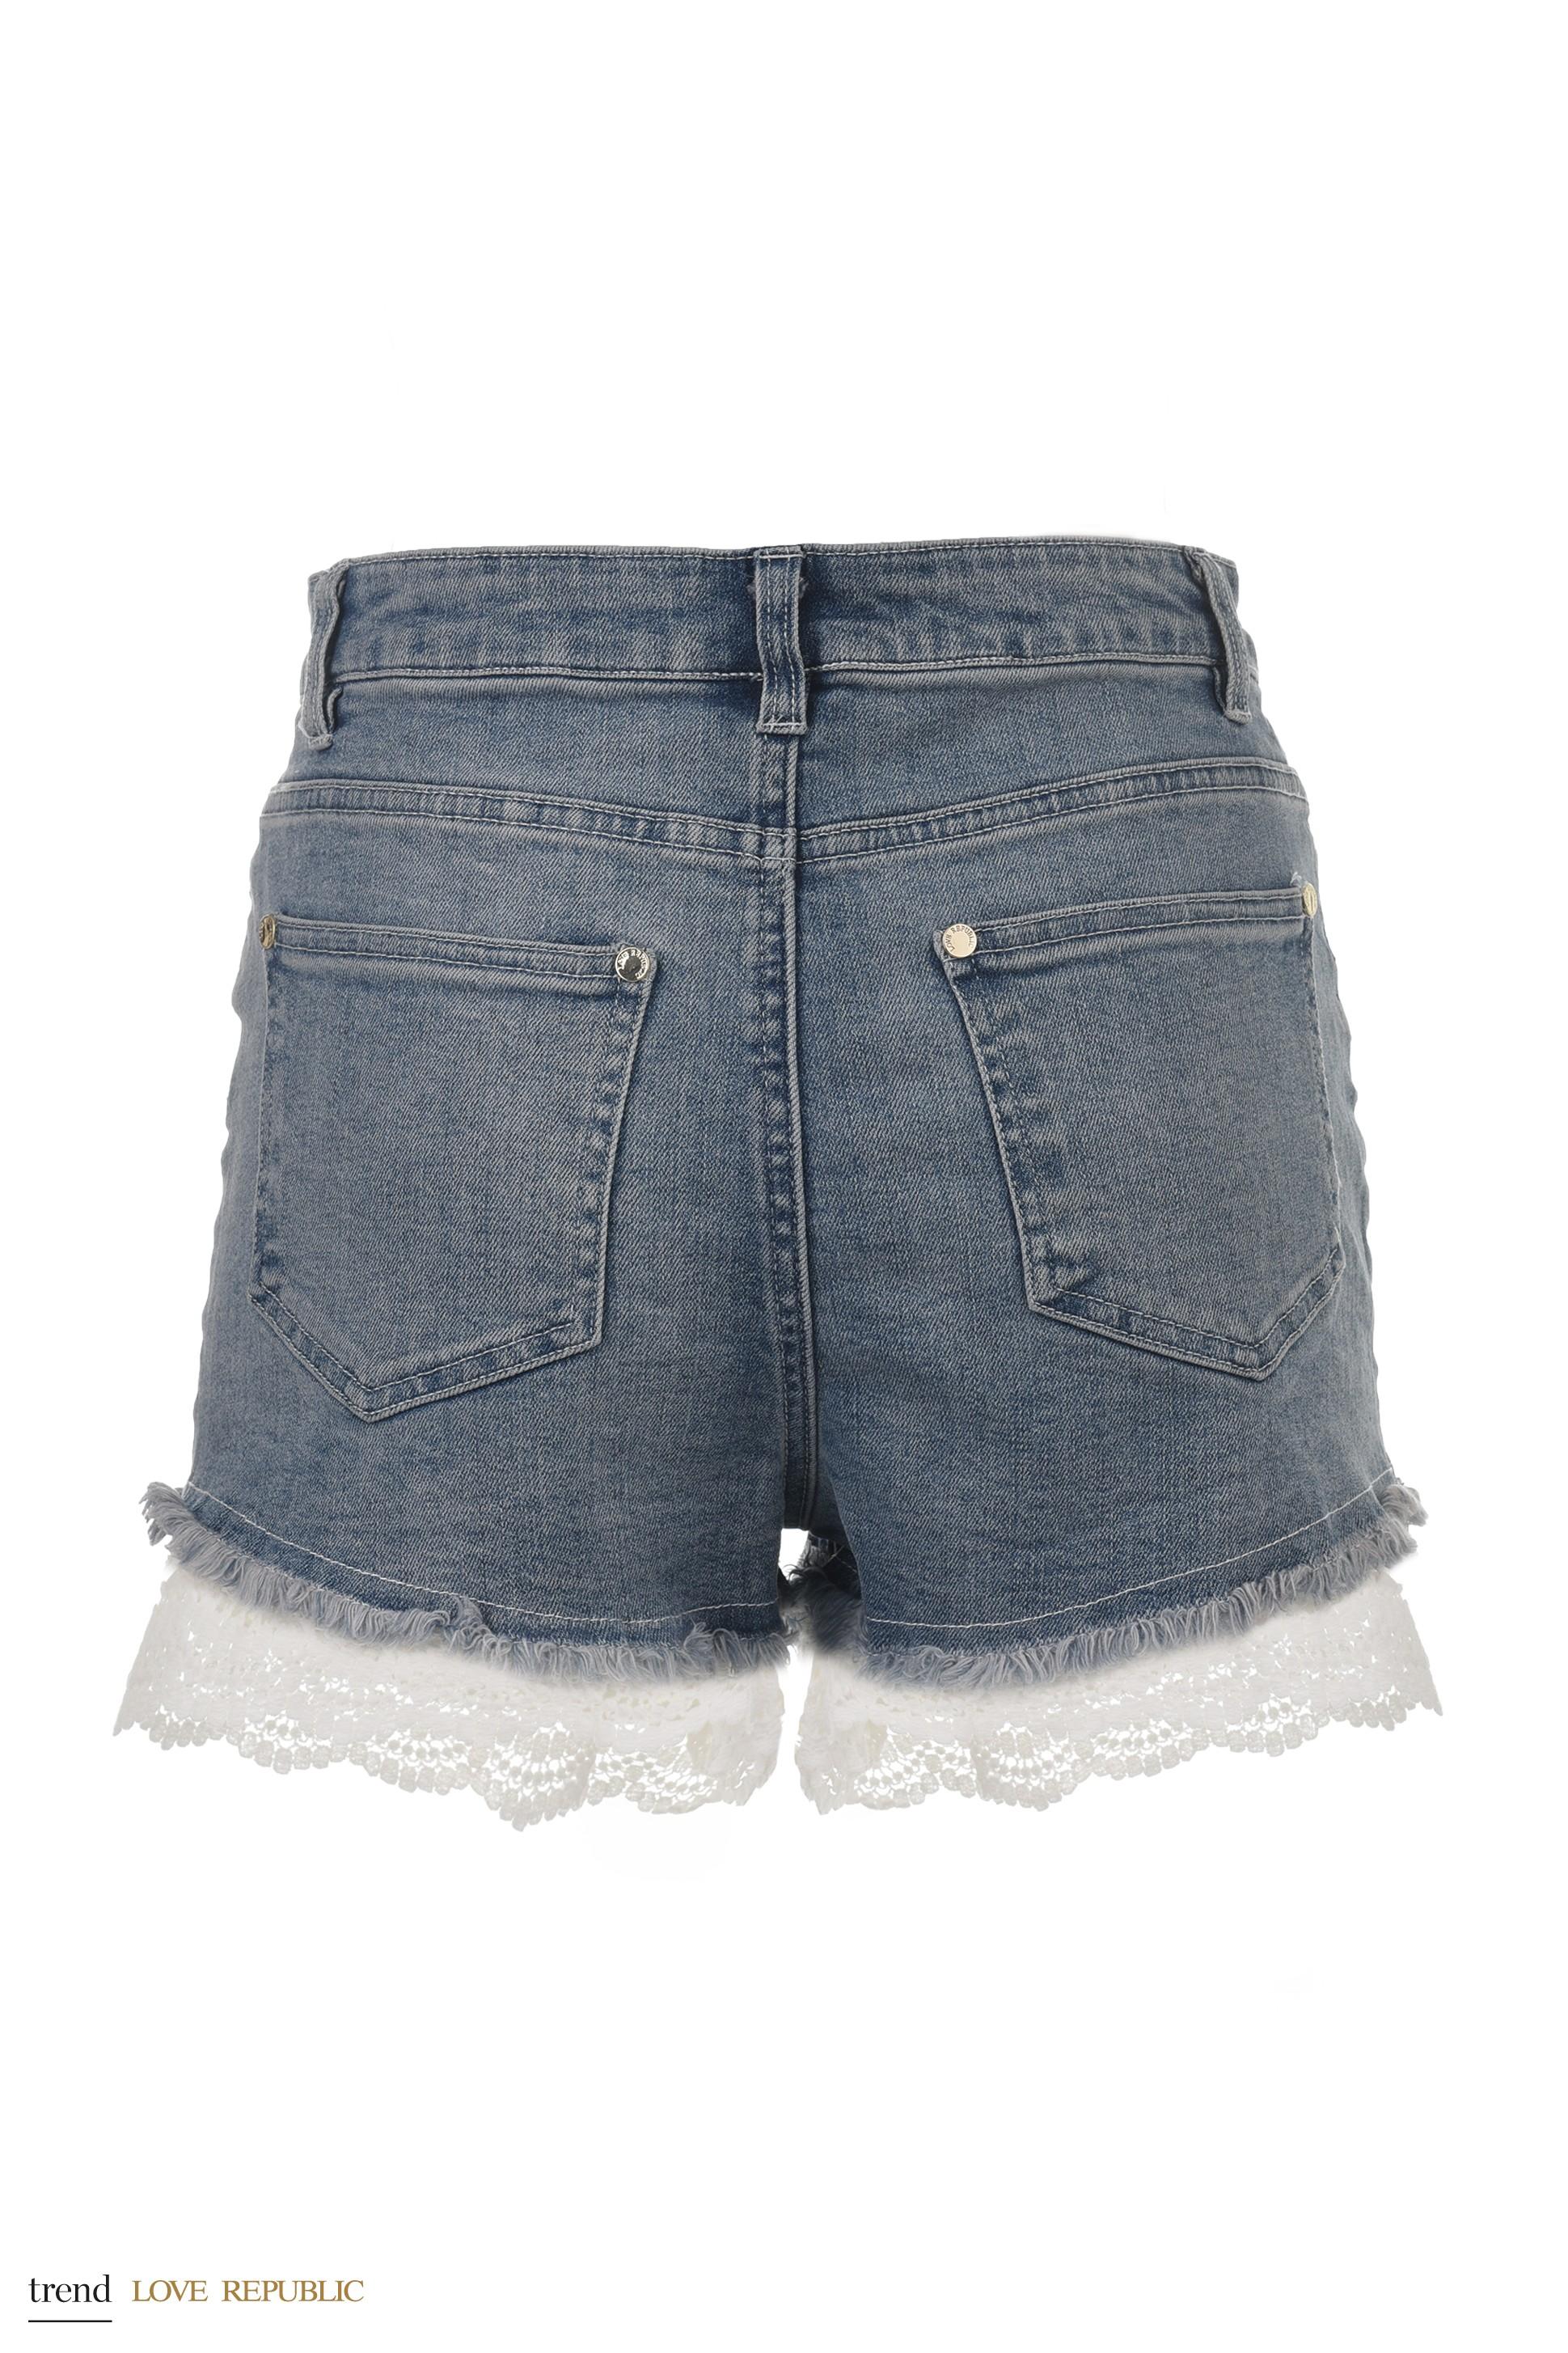 8dceb1113775 шорты женские 9256030730-41 - купить в интернет-магазине LOVE REPUBLIC по  цене: 1 499 руб